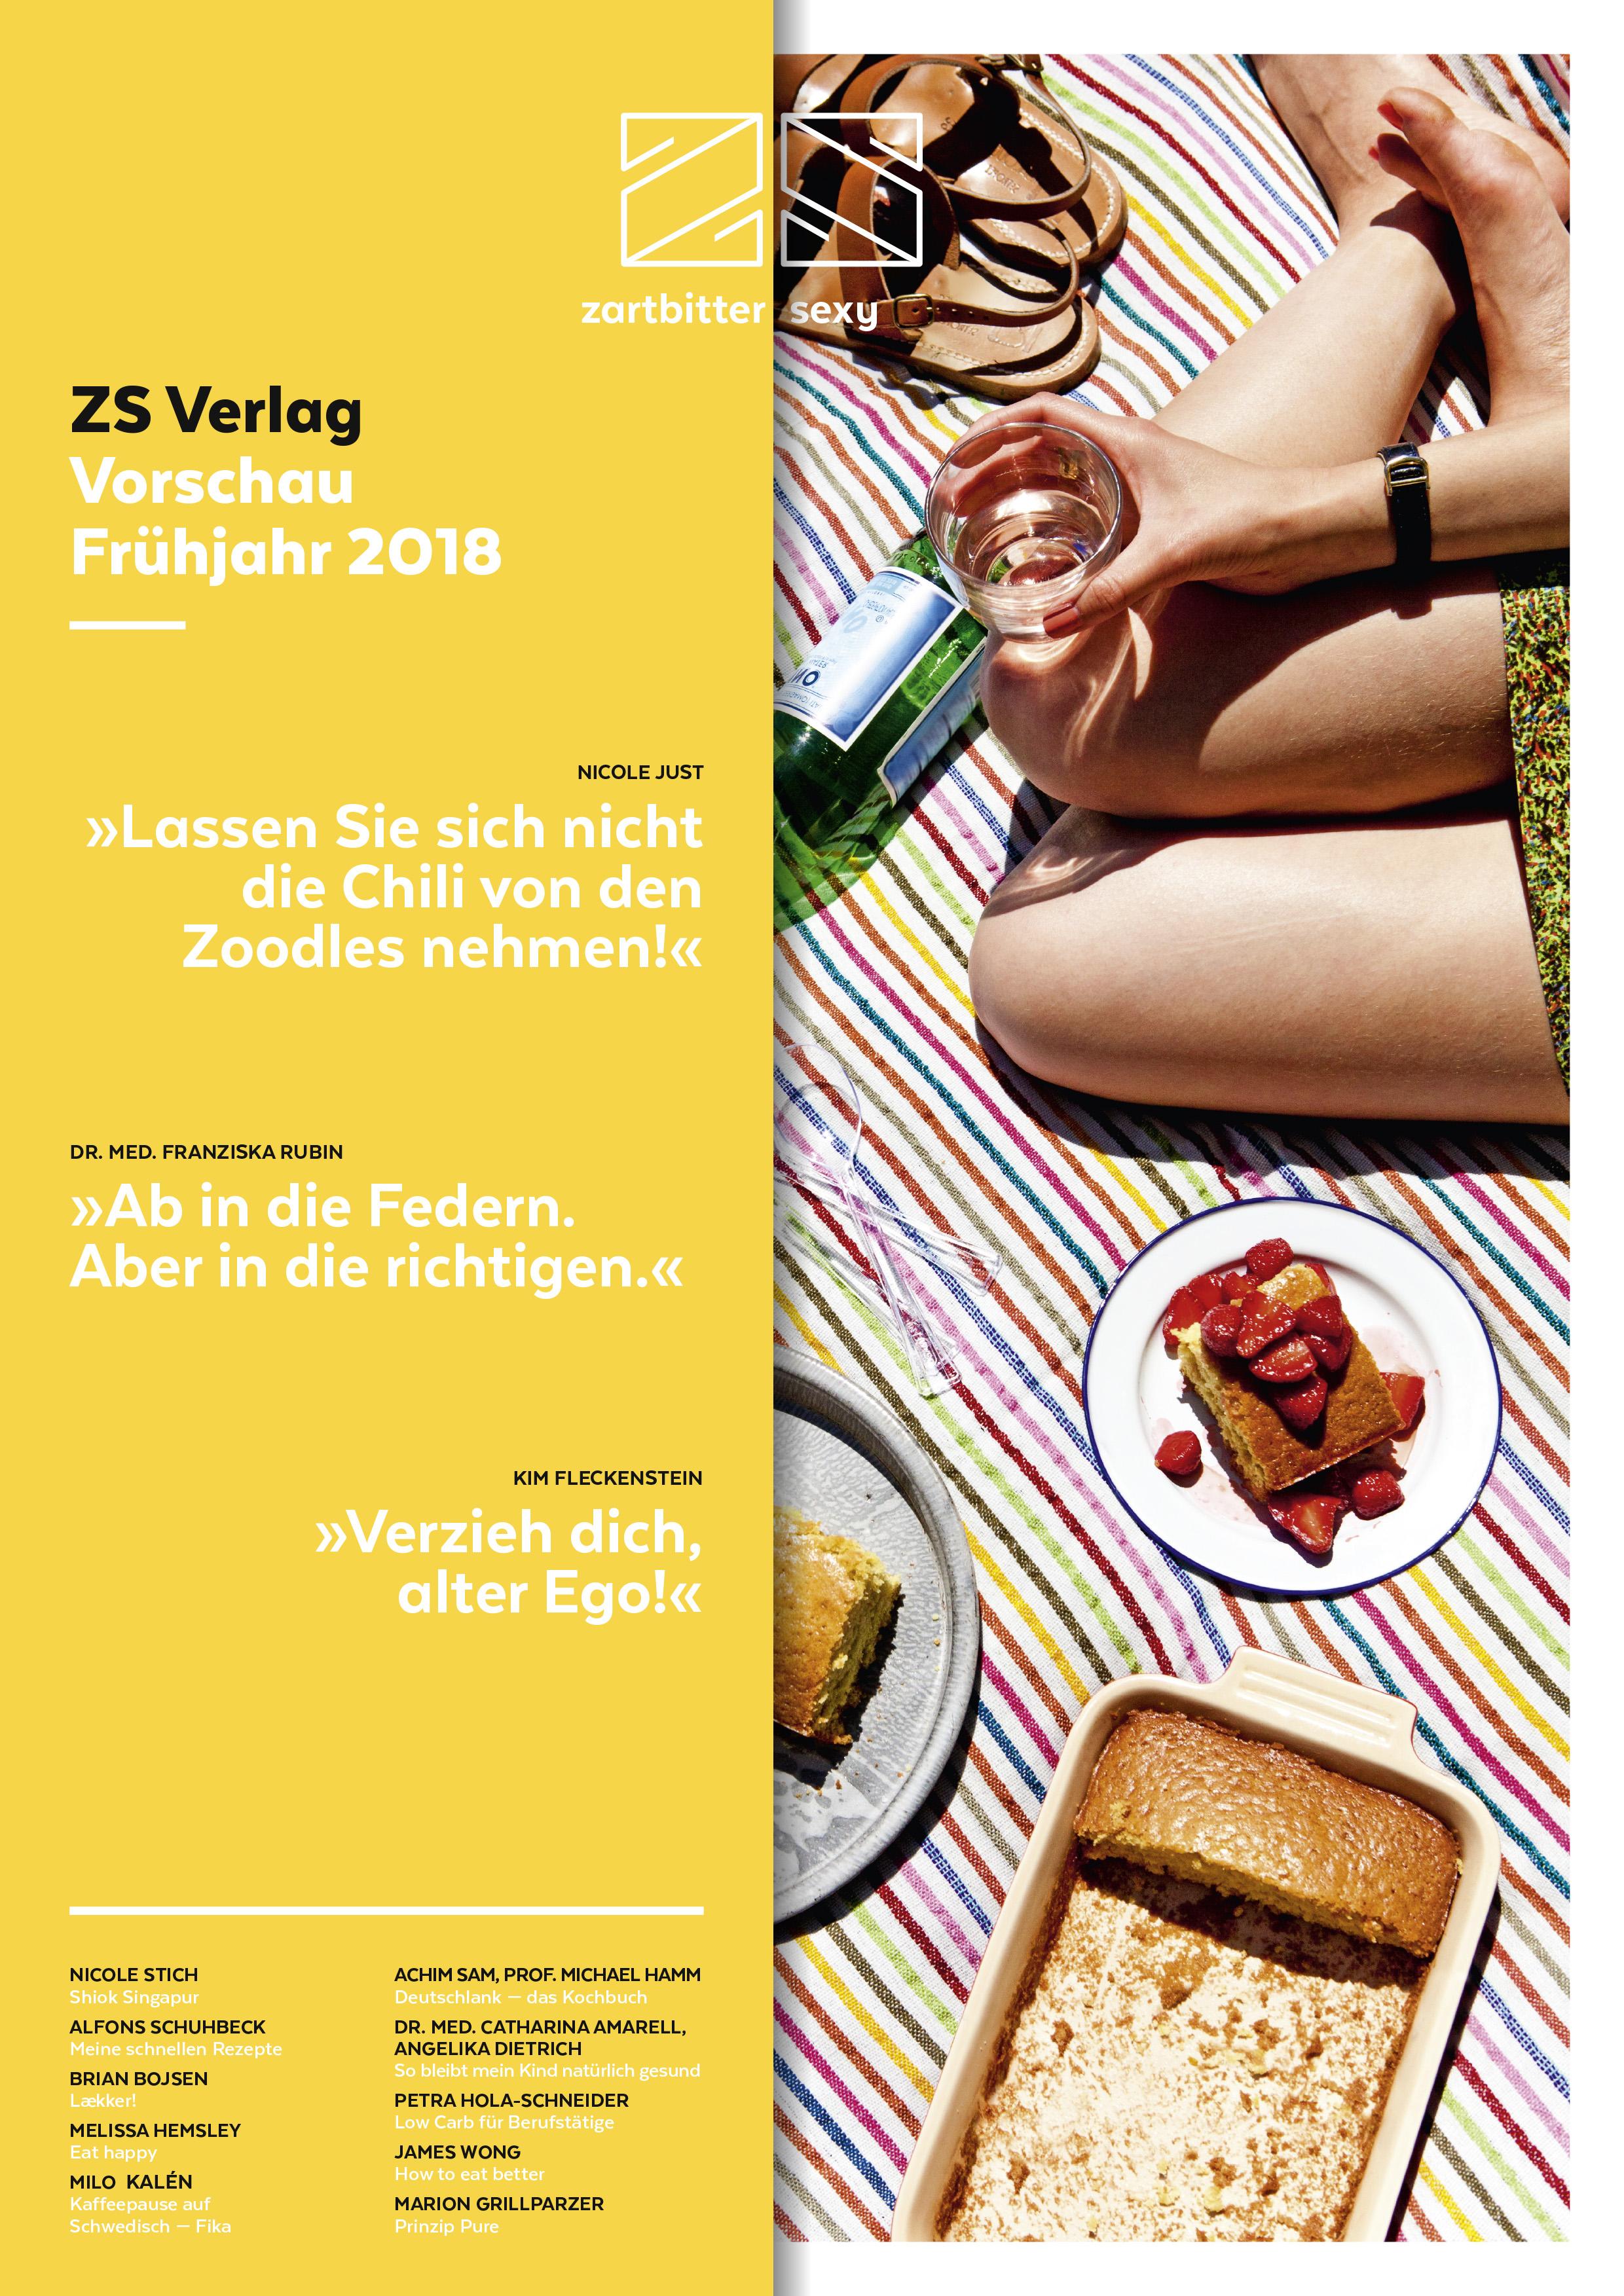 ZS Verlag Frühjahr 2018